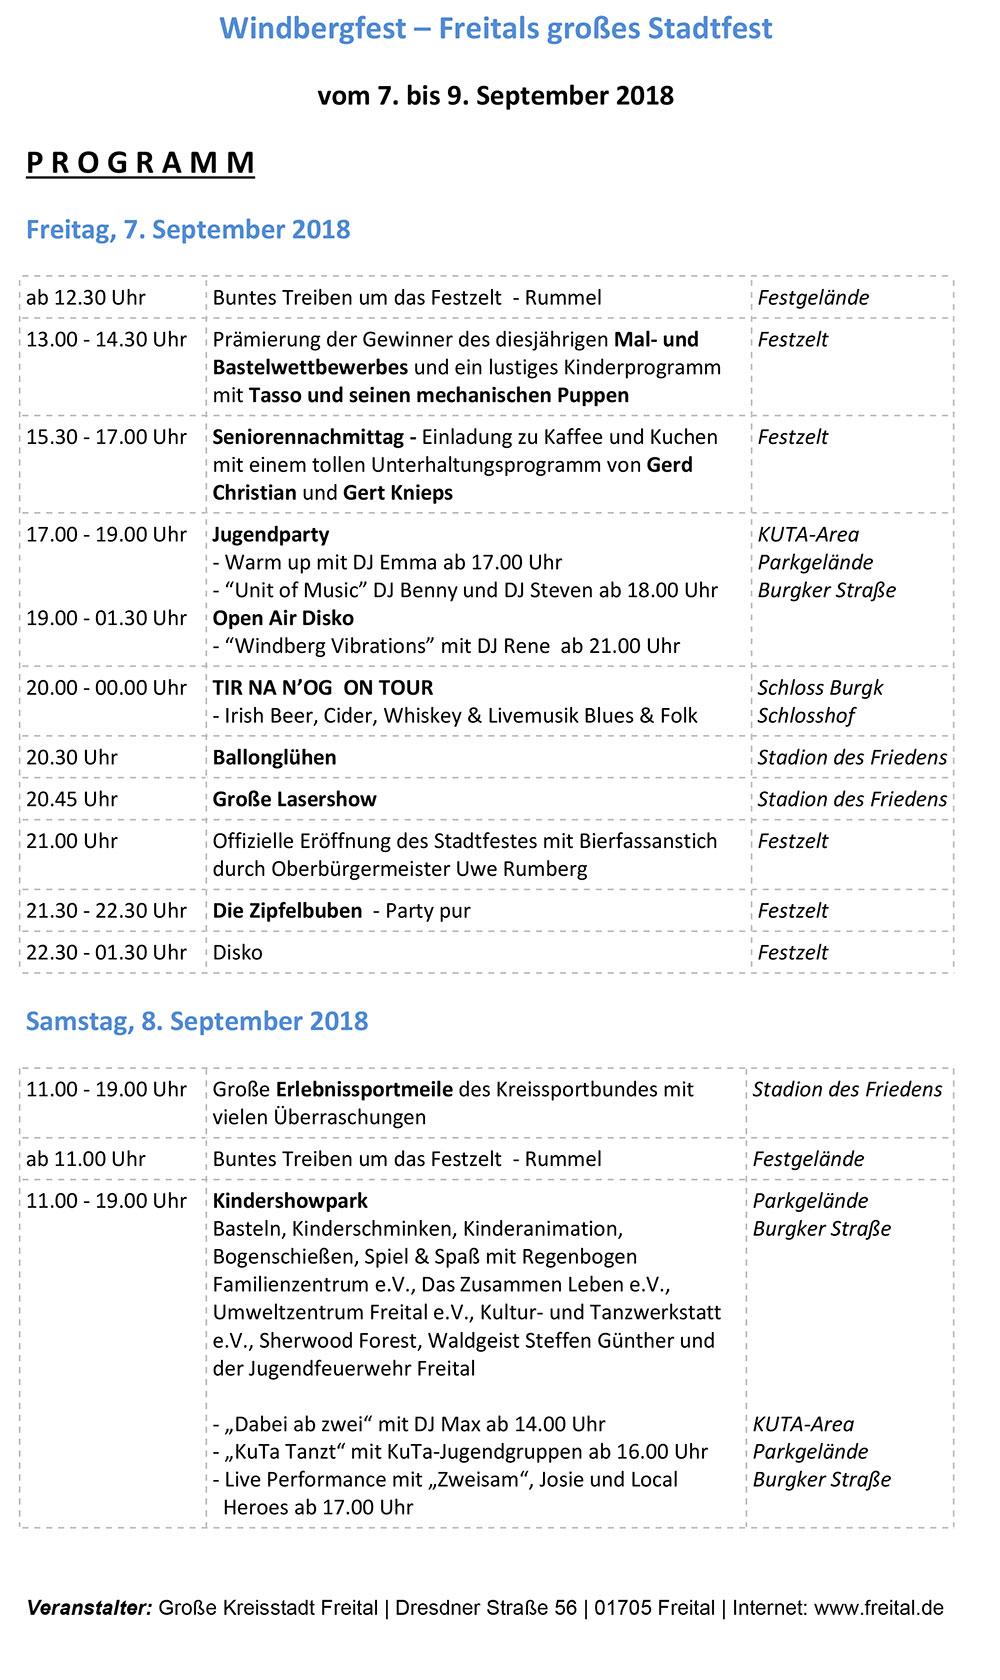 Programm Windbergfest Freital 2018 Blatt 1